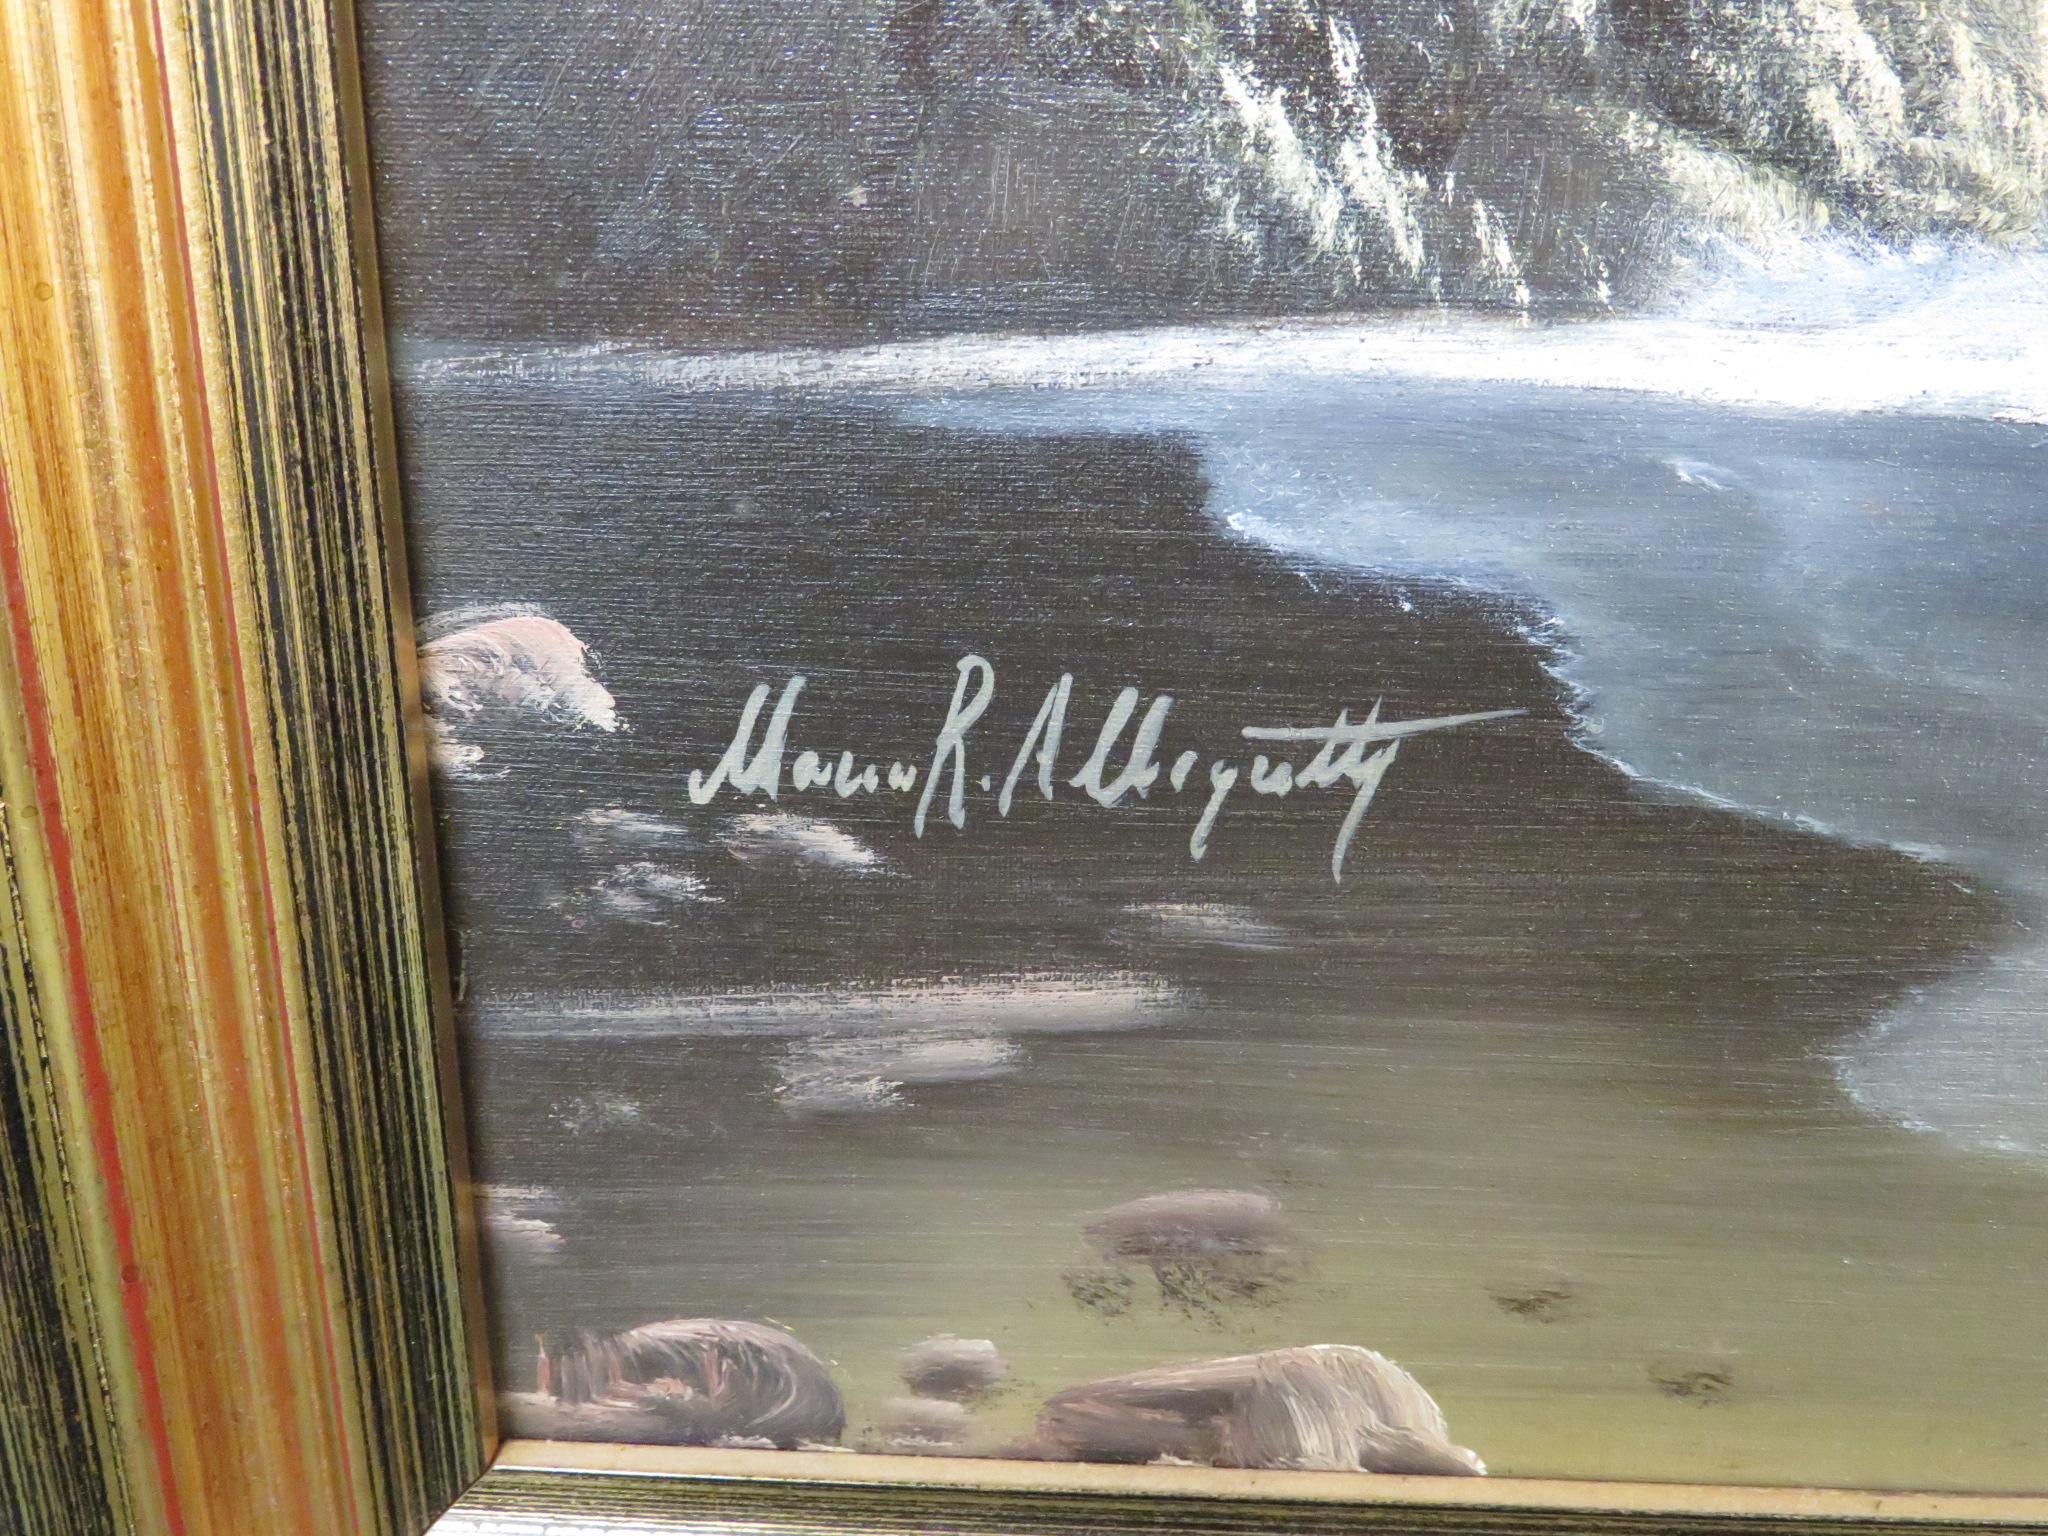 Lot 23 - Mario Rosario Allegretti, (Italian School, 20th century), Costa di Sorrento, oil on canvas, signed